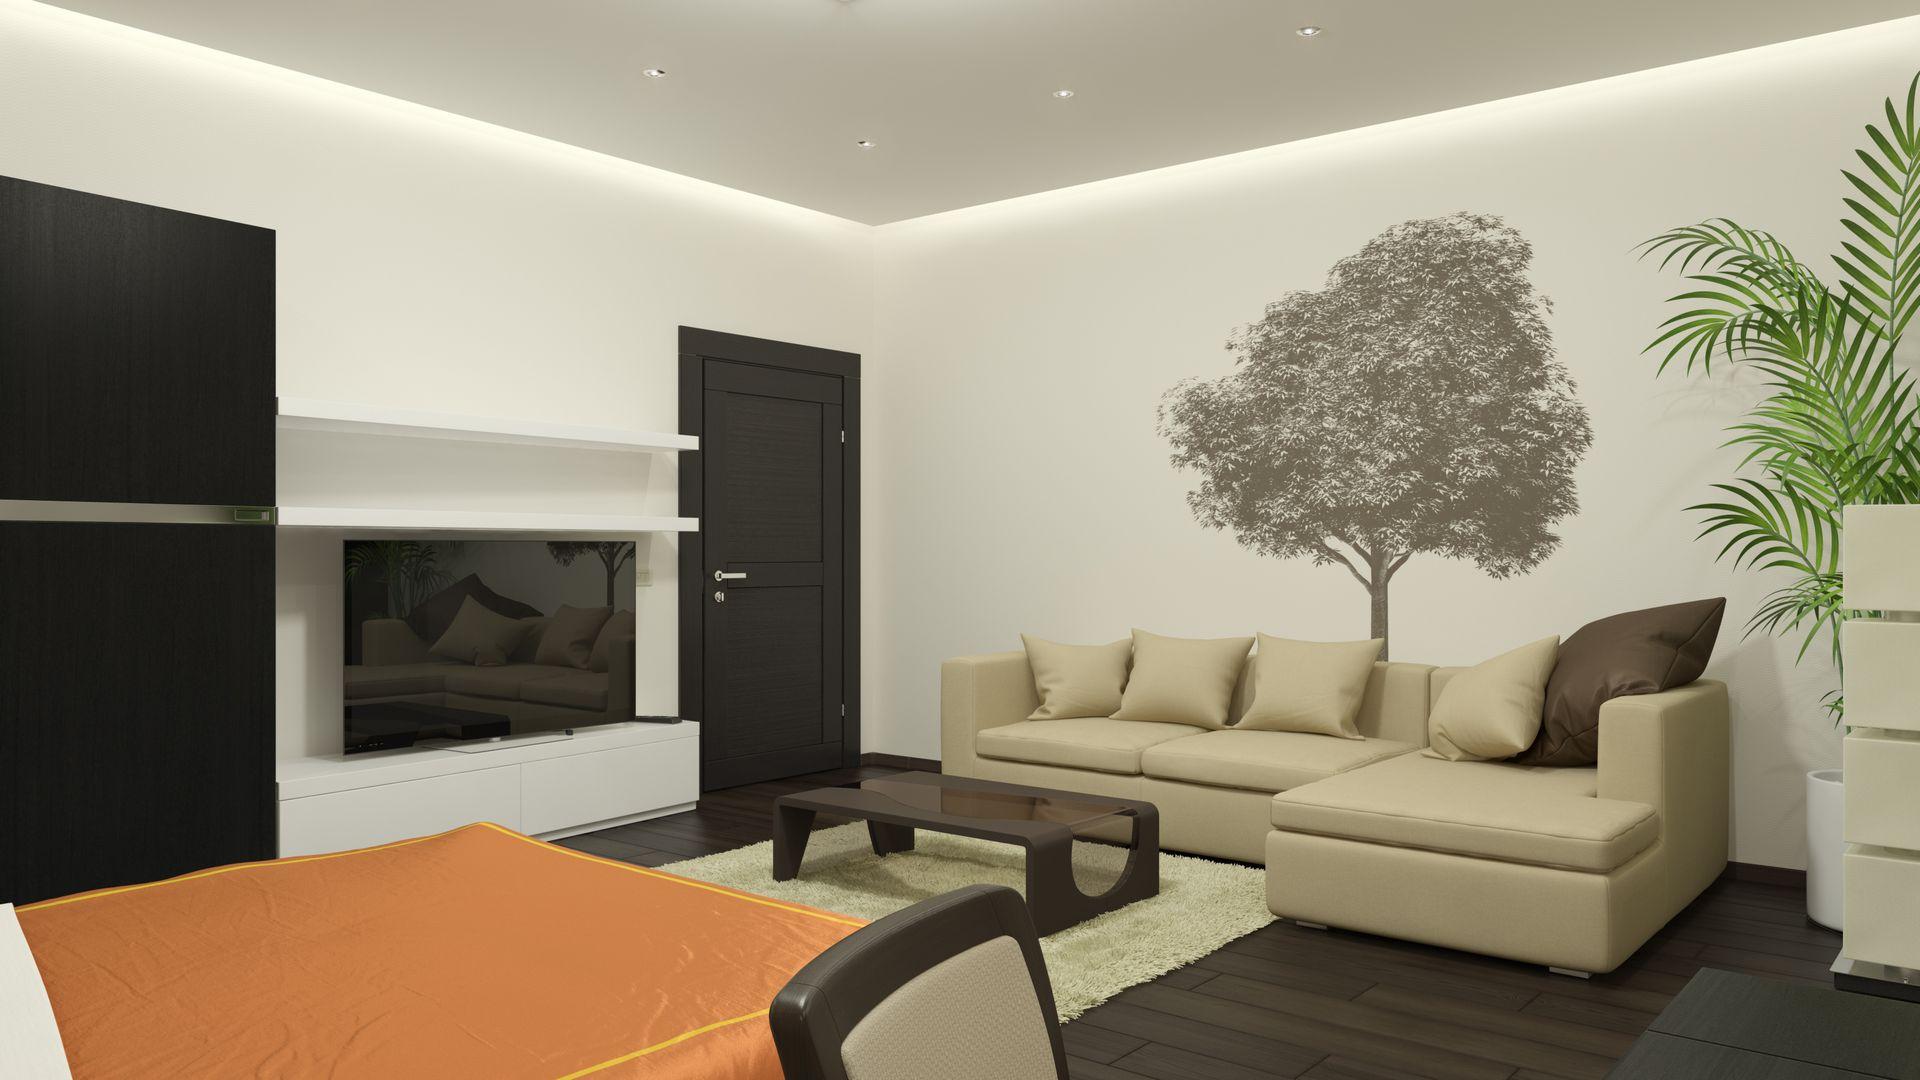 Indirekte Beleuchtung an Wand  Decke selber bauen